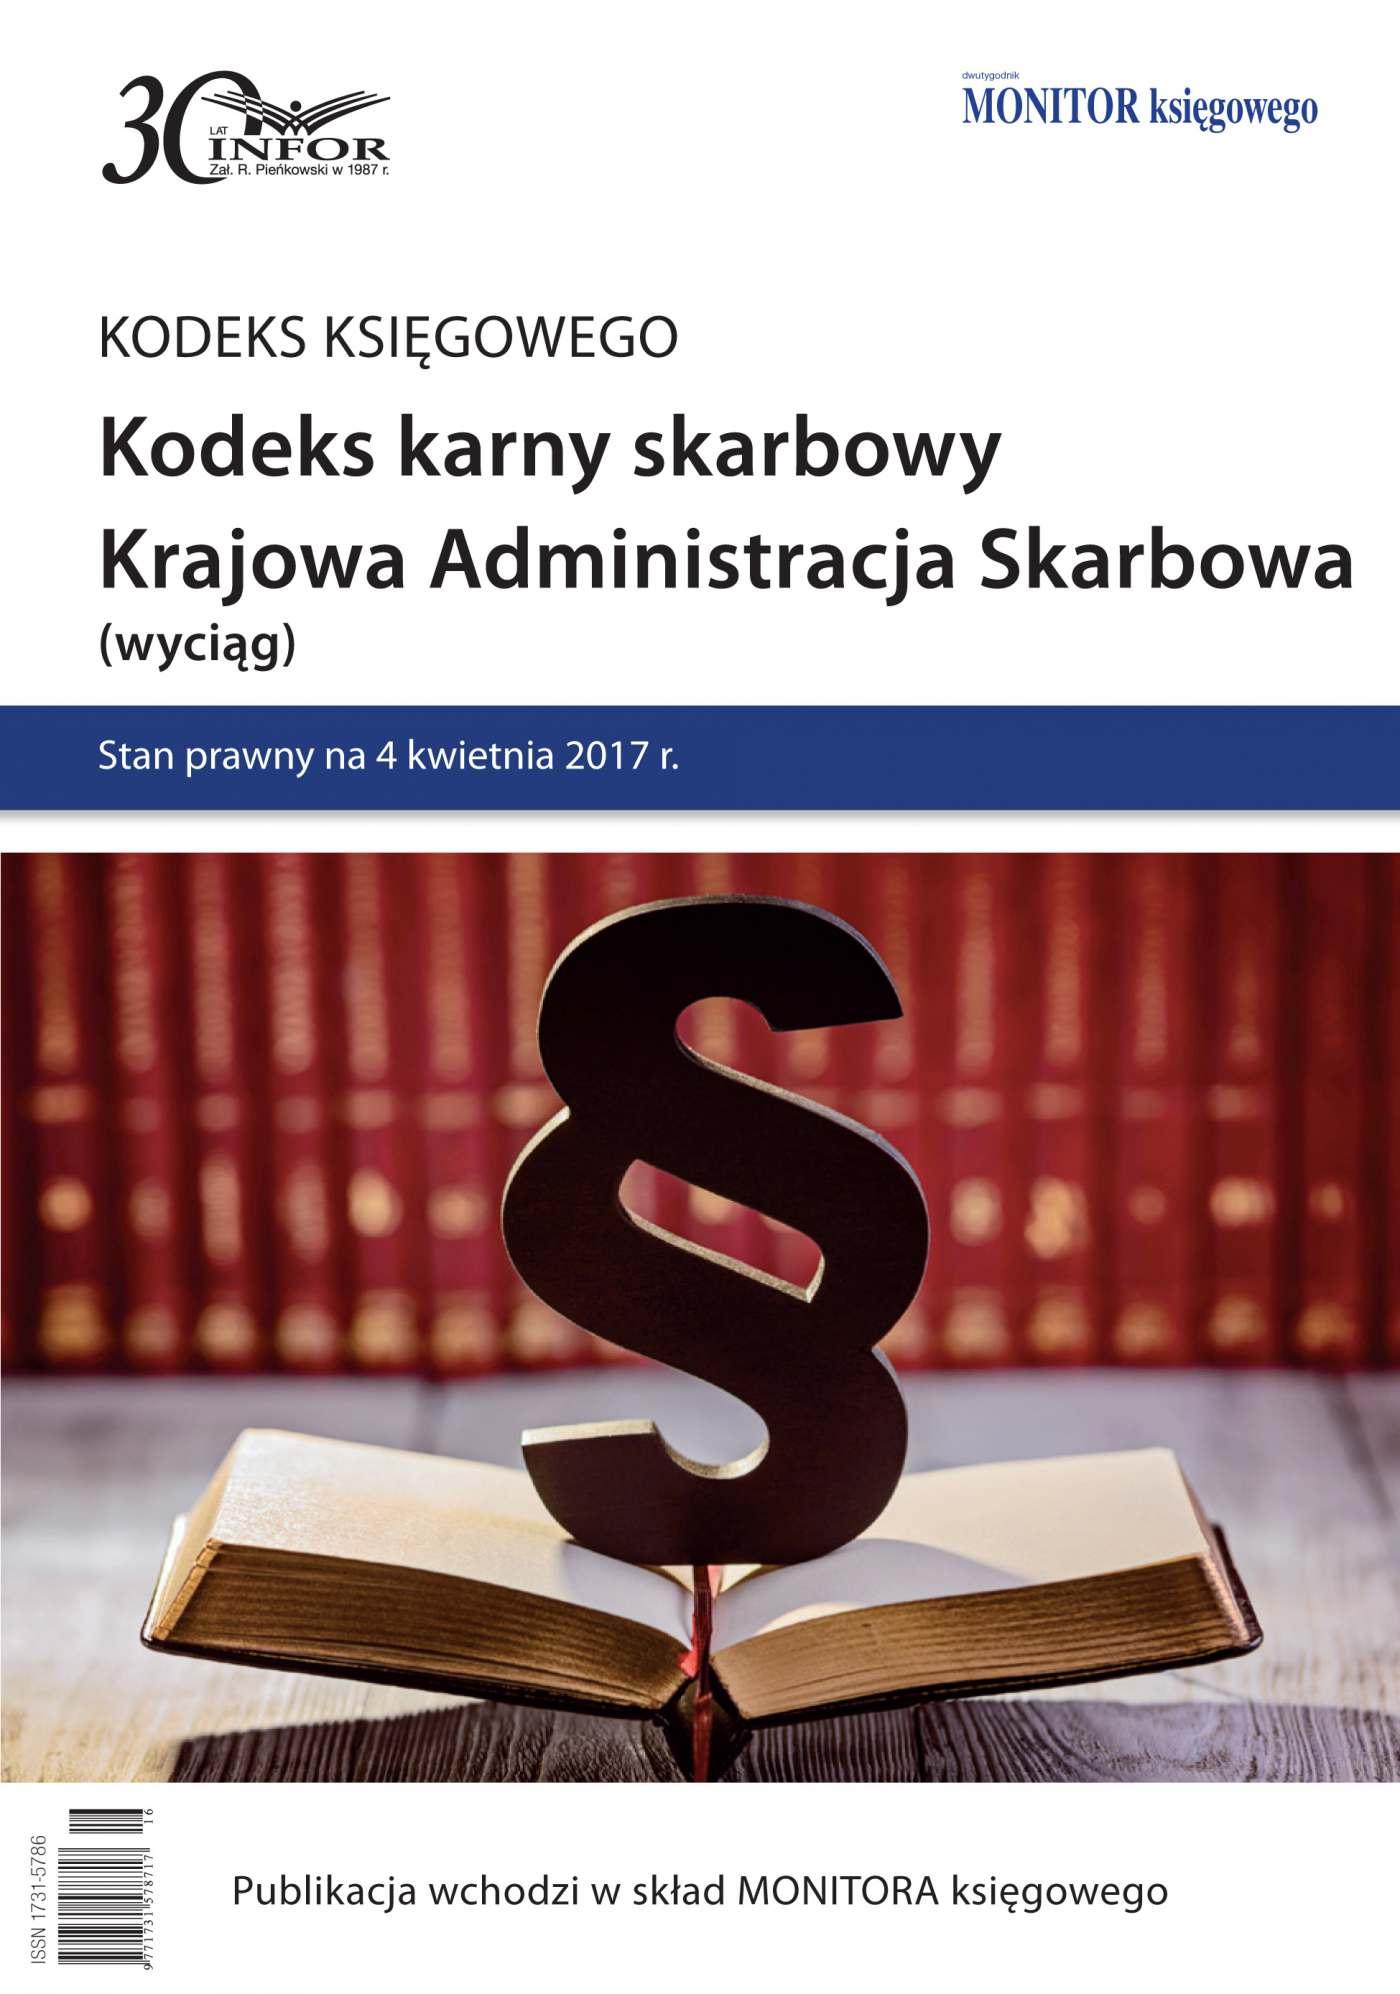 Kodeks karny skarbowy. Krajowa Administracja Skarbowa (wyciąg) - Ebook (Książka PDF) do pobrania w formacie PDF